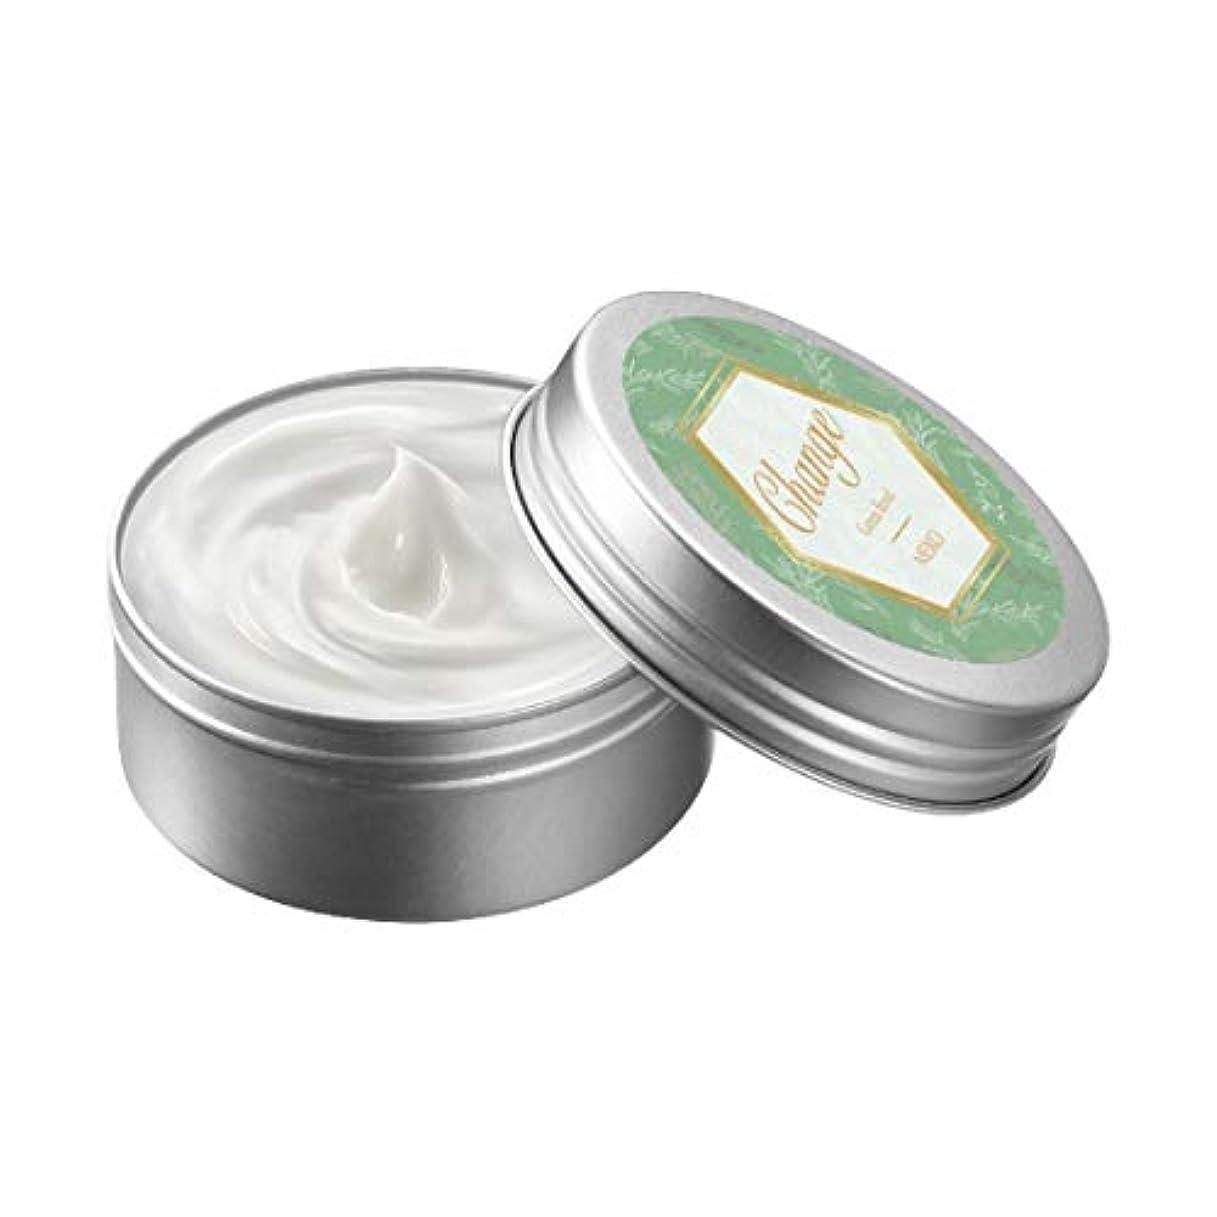 無限大割合日焼けボディクリーム グリーンフローラルの香り 60g ( 全身 クリーム 顔 保湿 スキンケア ハンドケア 全身クリーム )【 メイコー メイコー化粧品 】